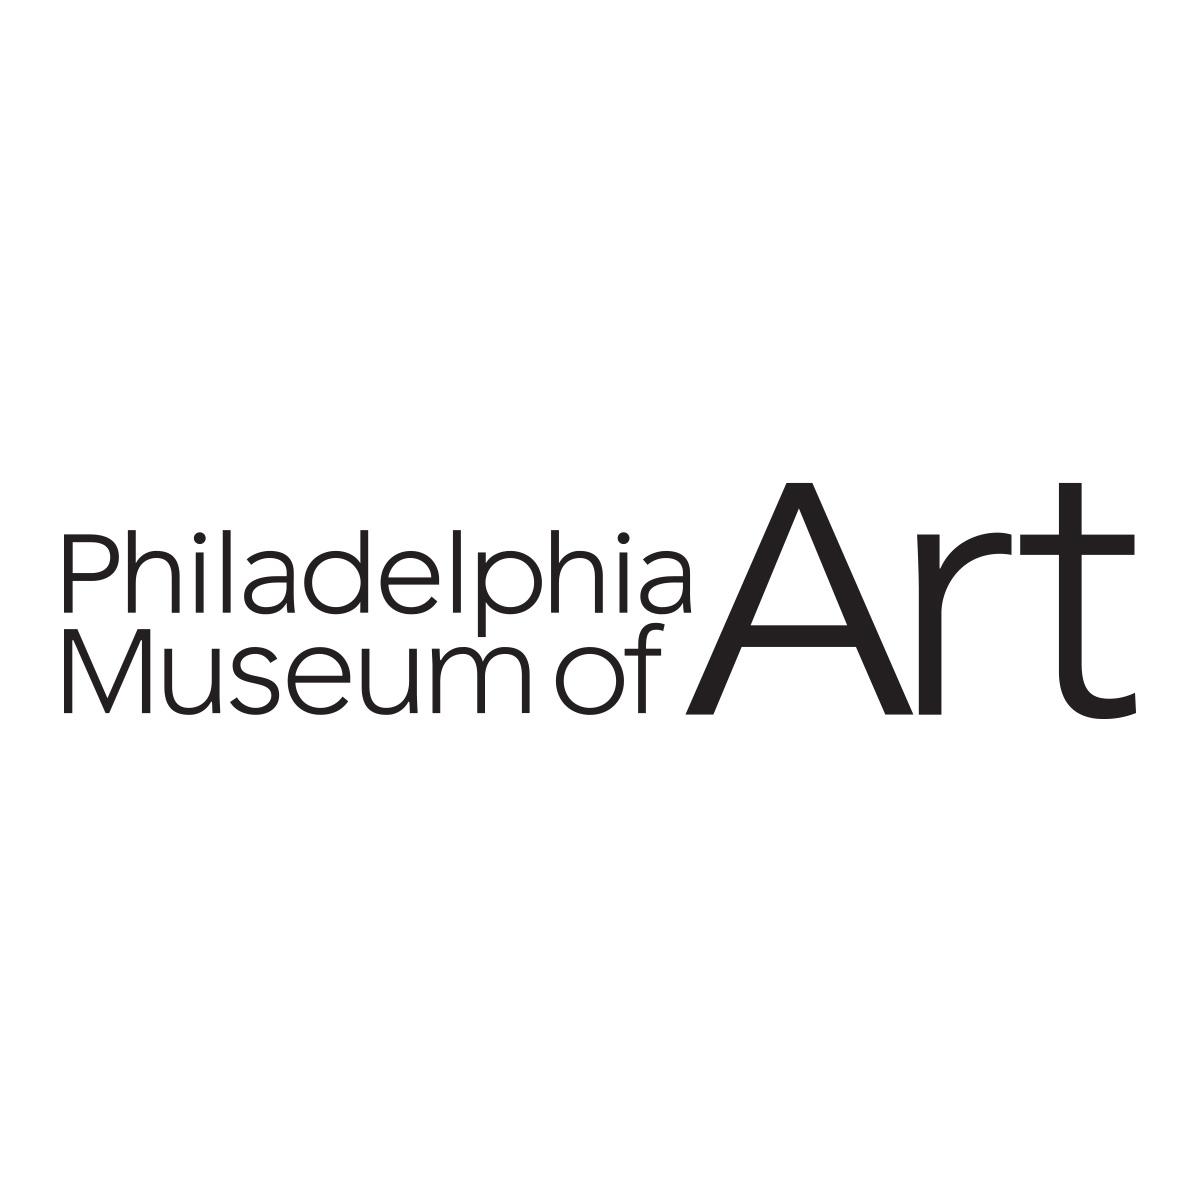 Philadelphia Museum of Art logo